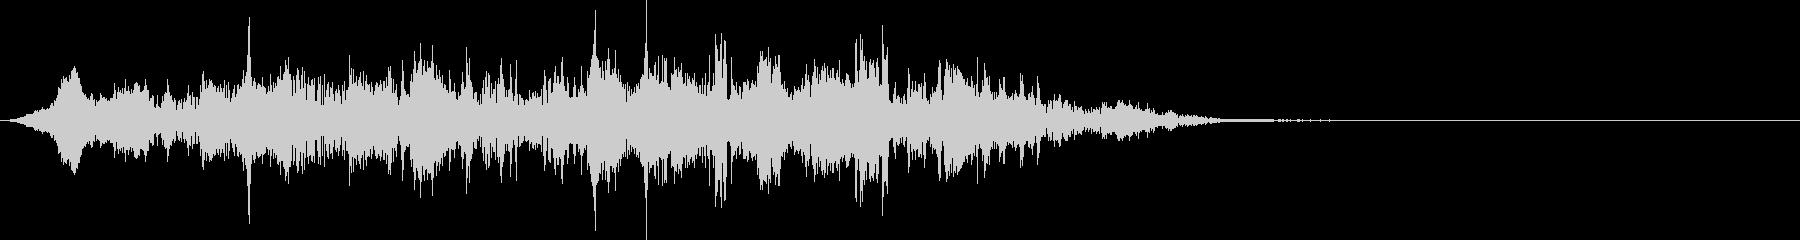 這いずる・触手を動かす音(長)の未再生の波形